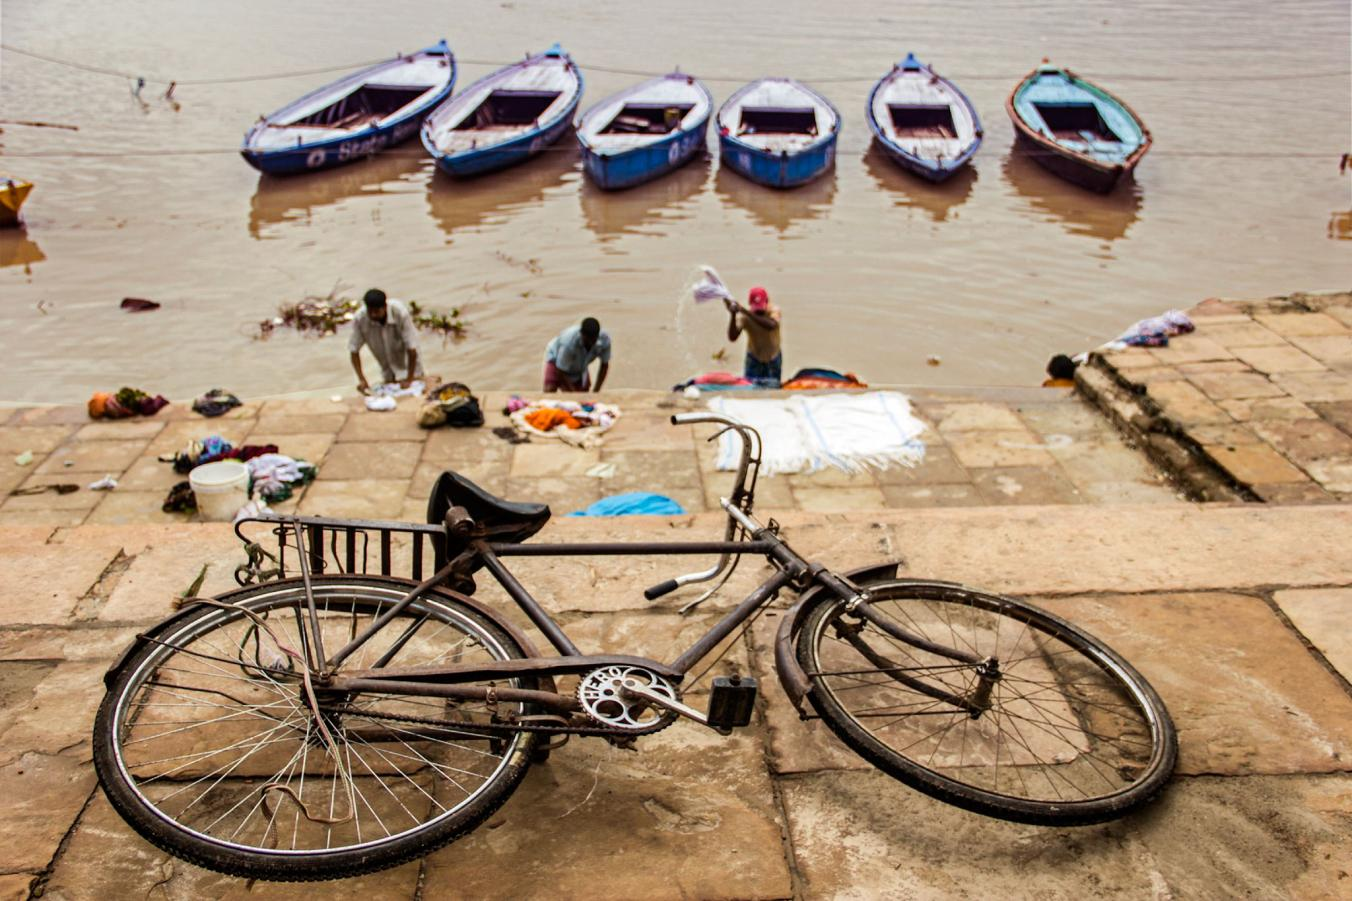 وقتی که برق نباشد، خبری از ماشین لباس شویی هم نخواهد بود. مردمان هند در حاشیه رودخانه گنگ به شست و شوی لباس های خود می پردازند.